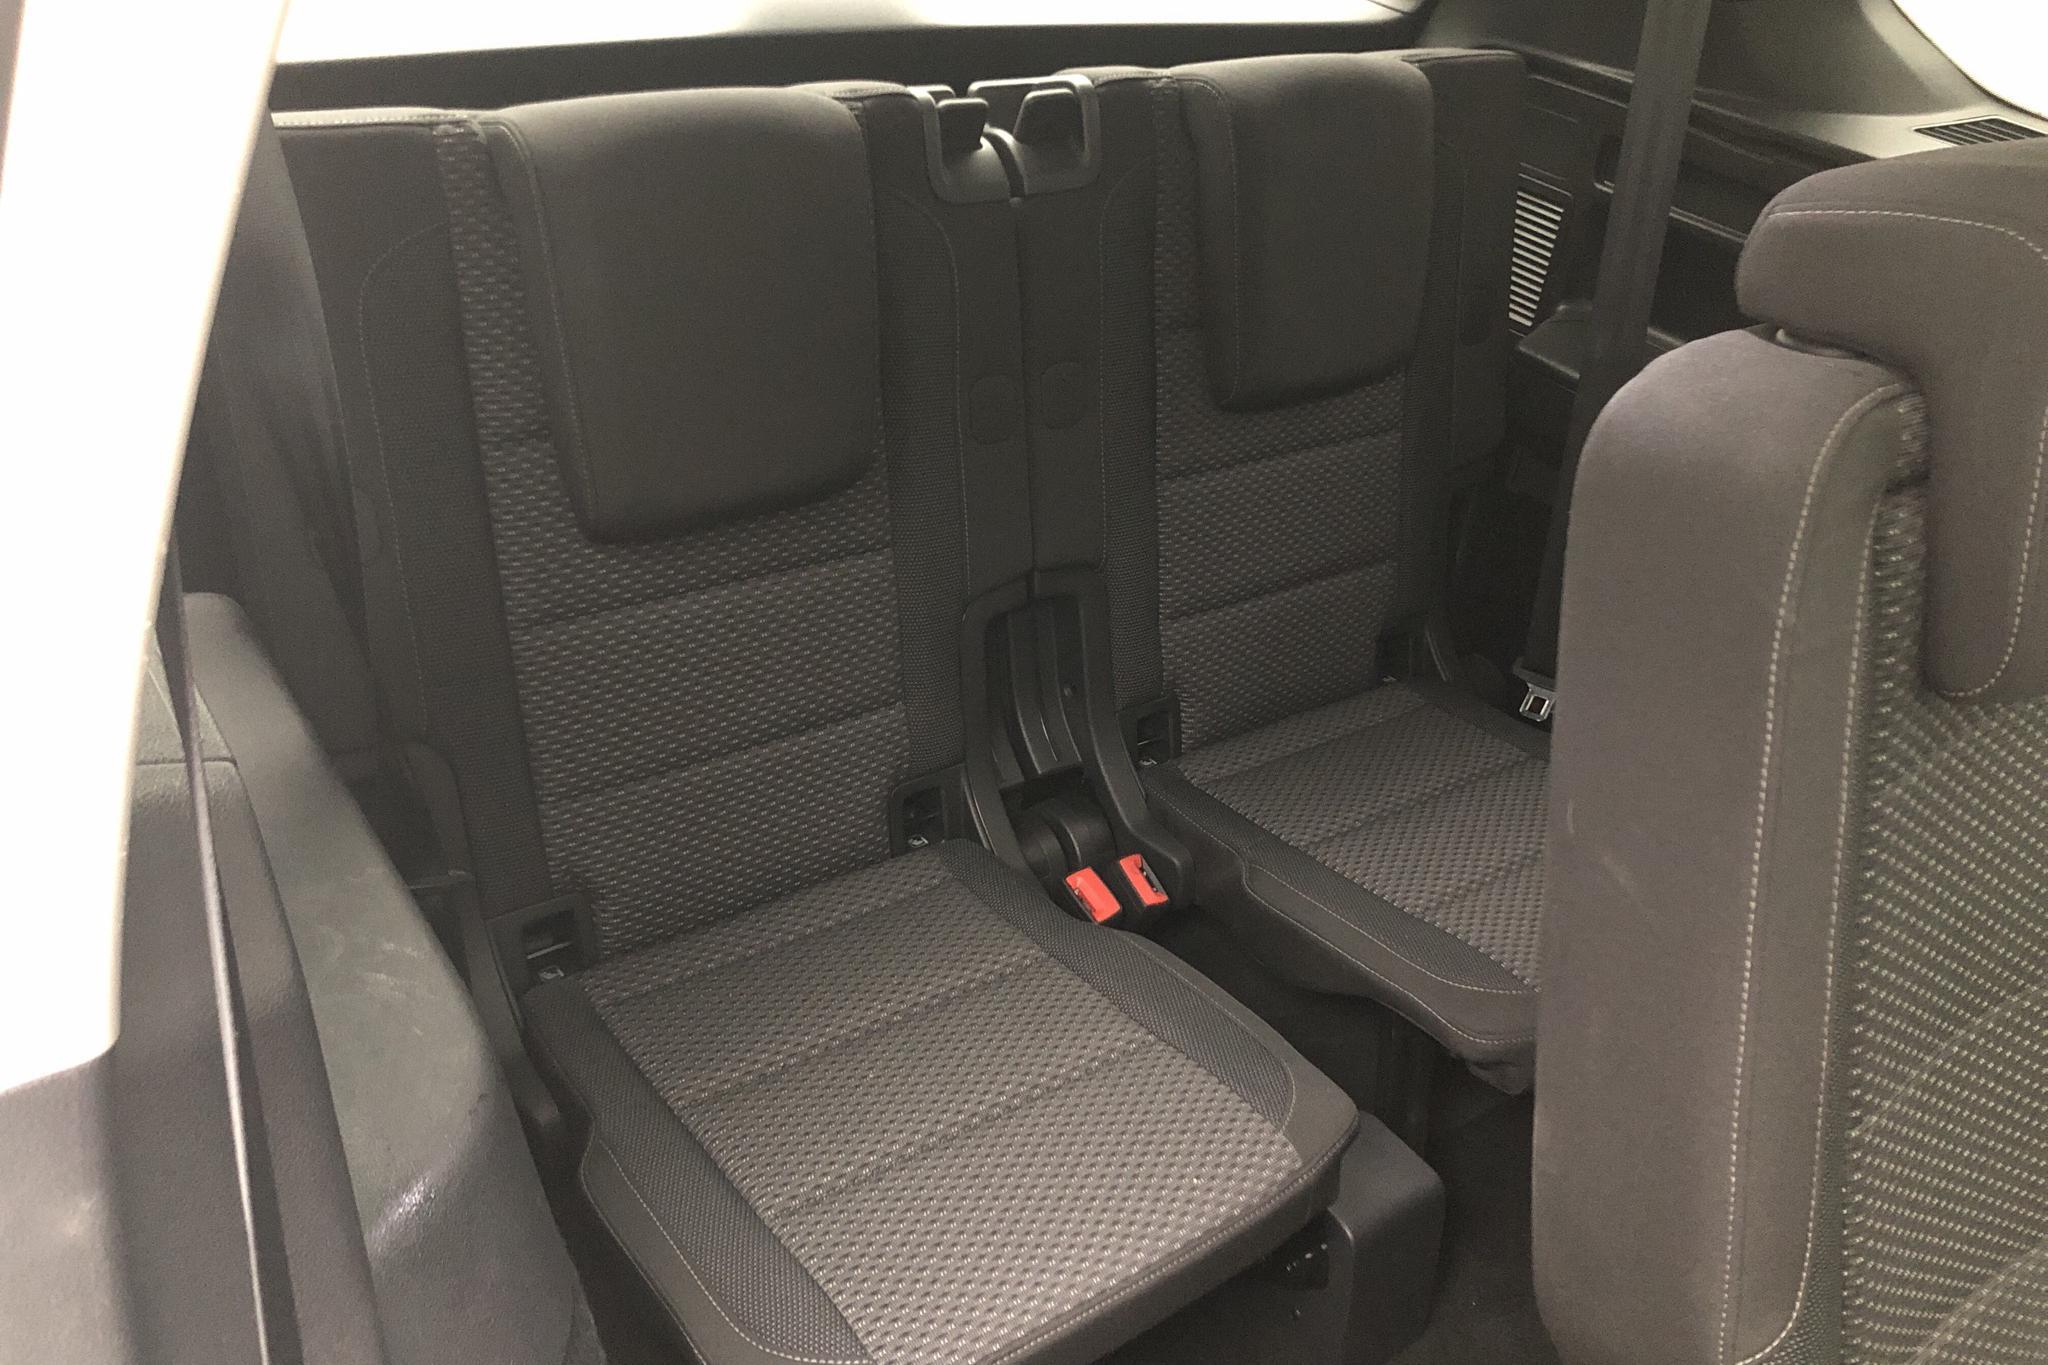 VW Touran 1.4 TSI (150hk) - 82 100 km - Automatic - white - 2018